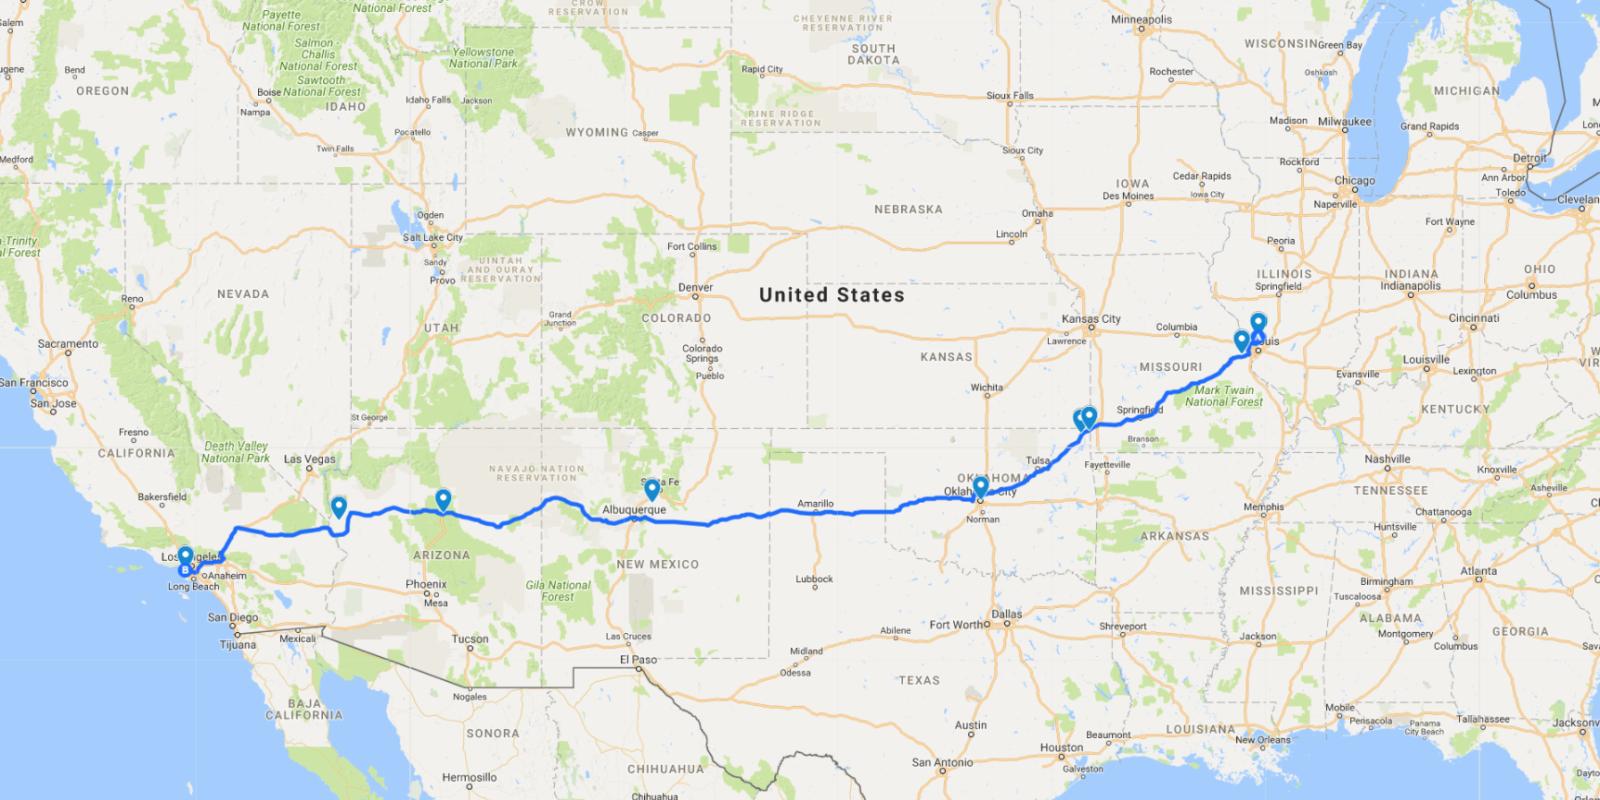 landscape 1508449344 route 66 haunted destinations road trip map